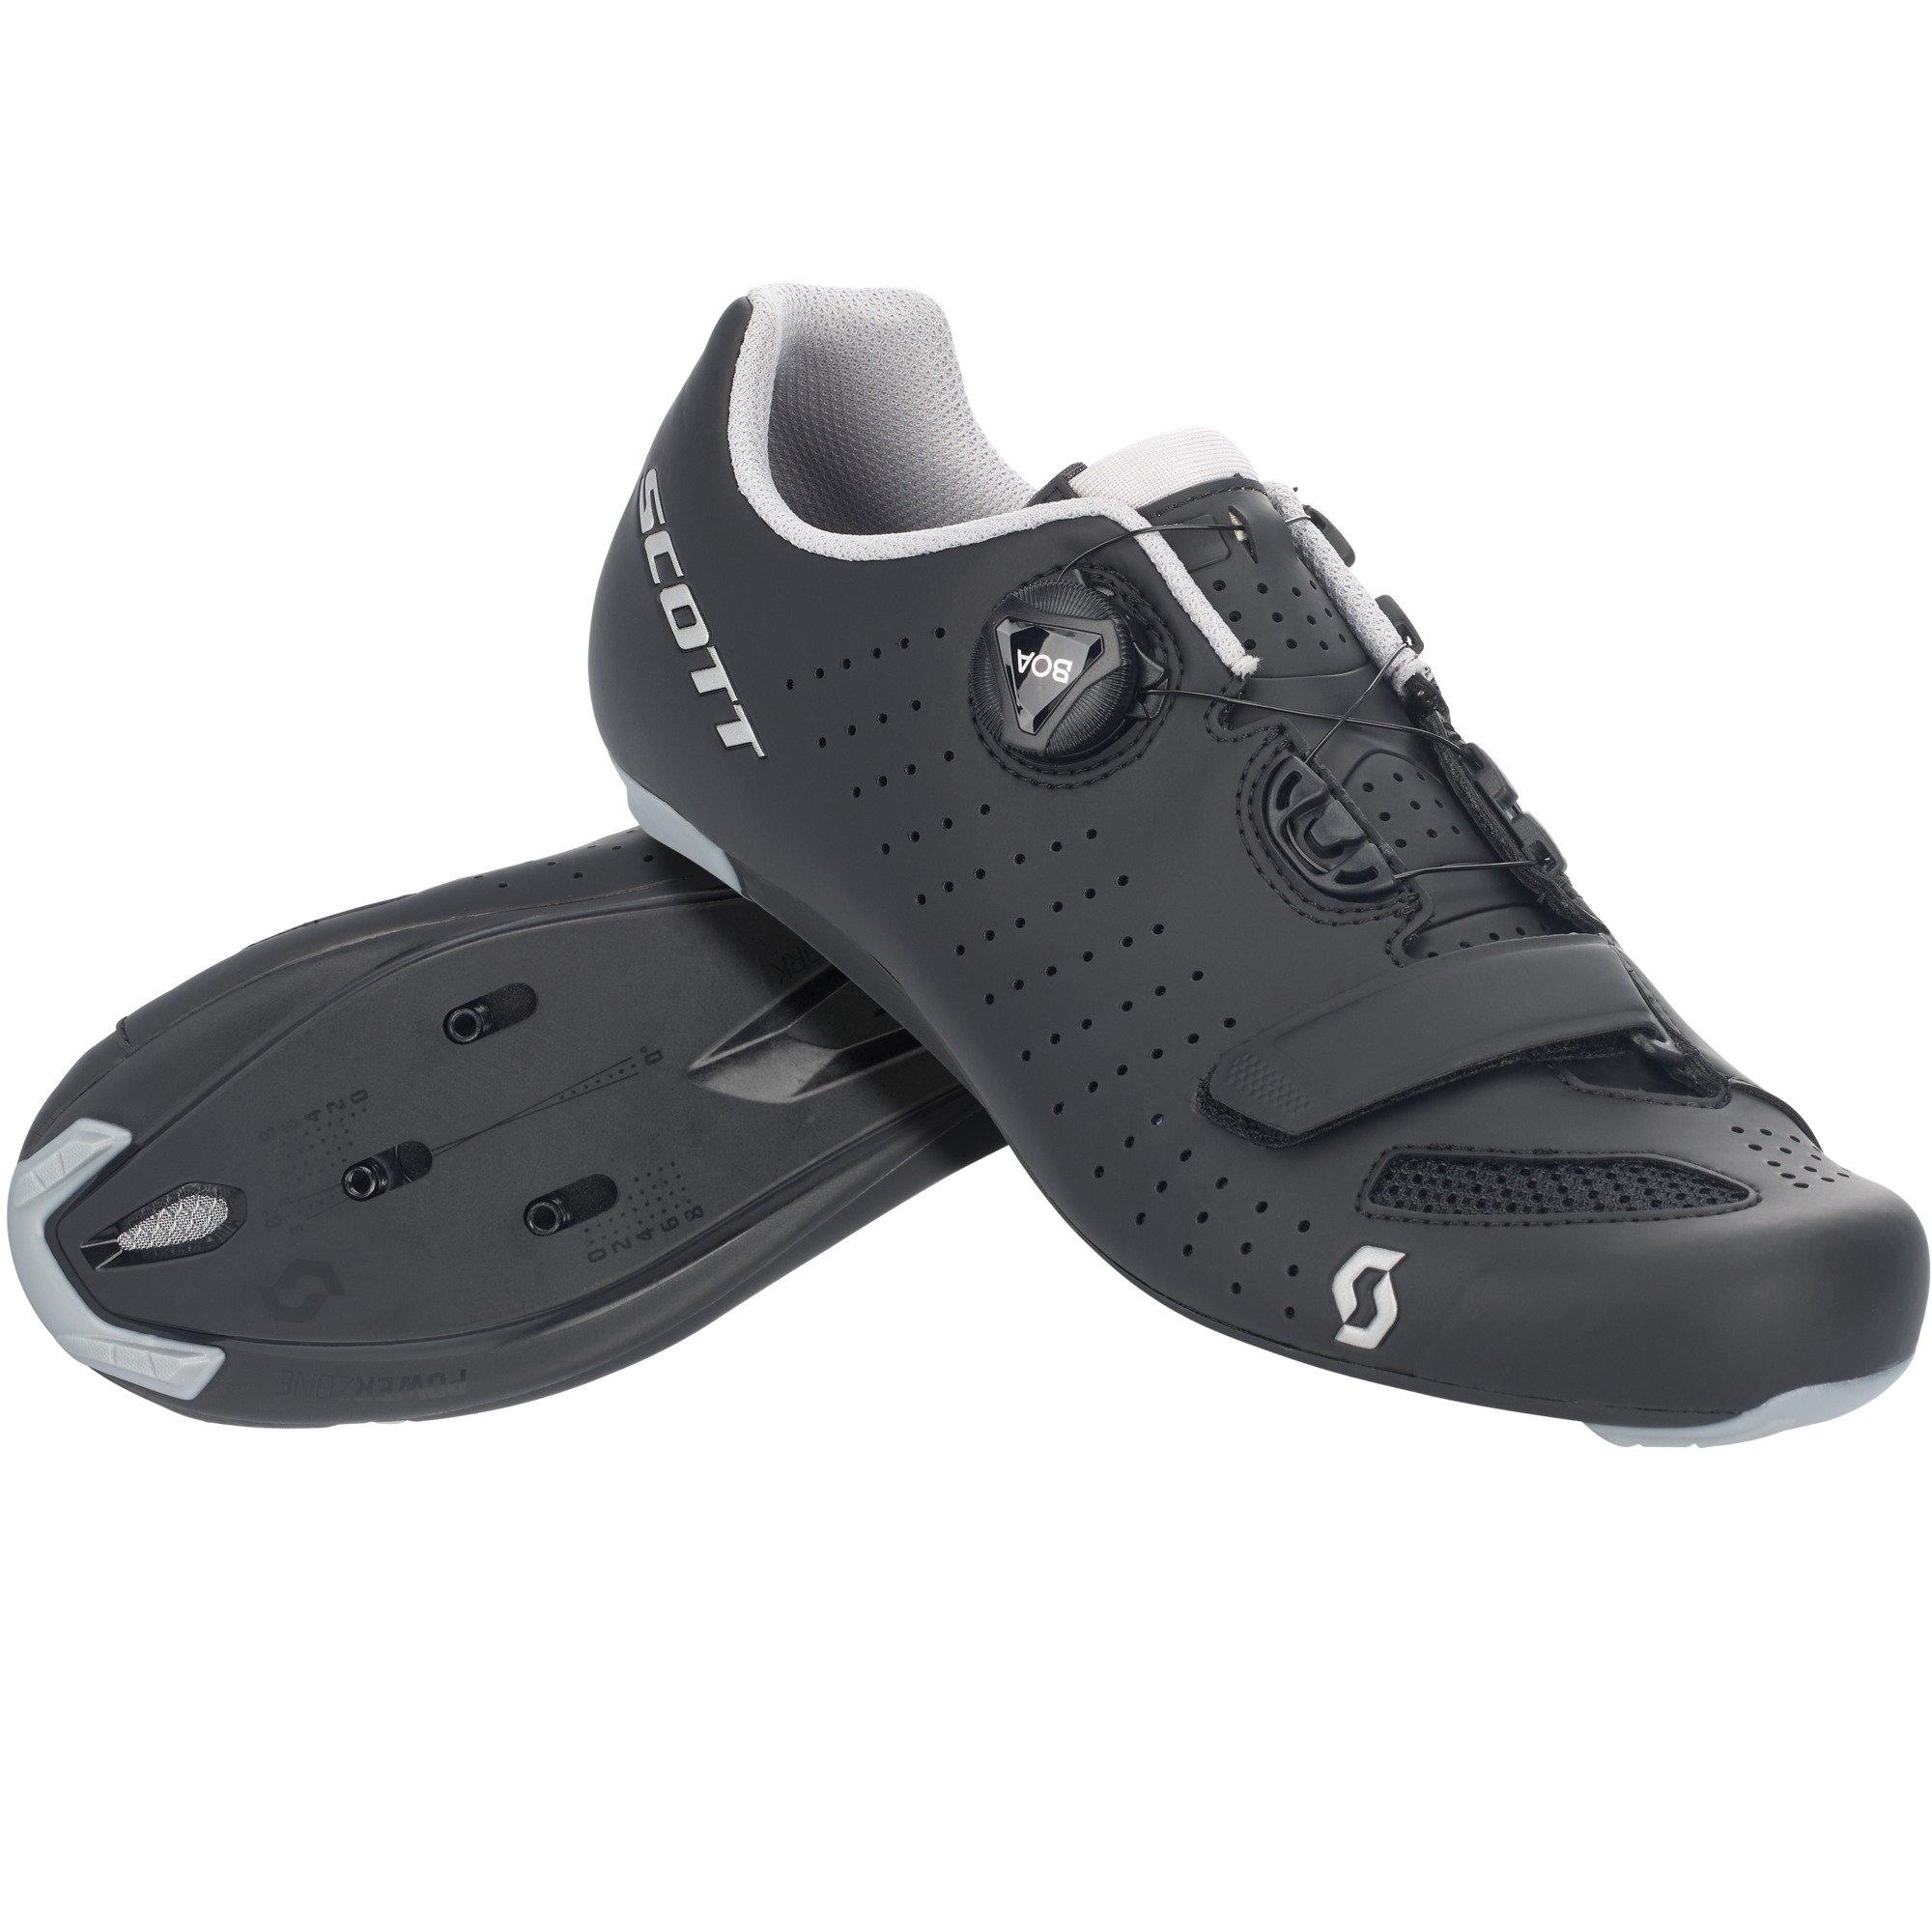 Scott Road Comp Boa Cykelsko - Black/Silver